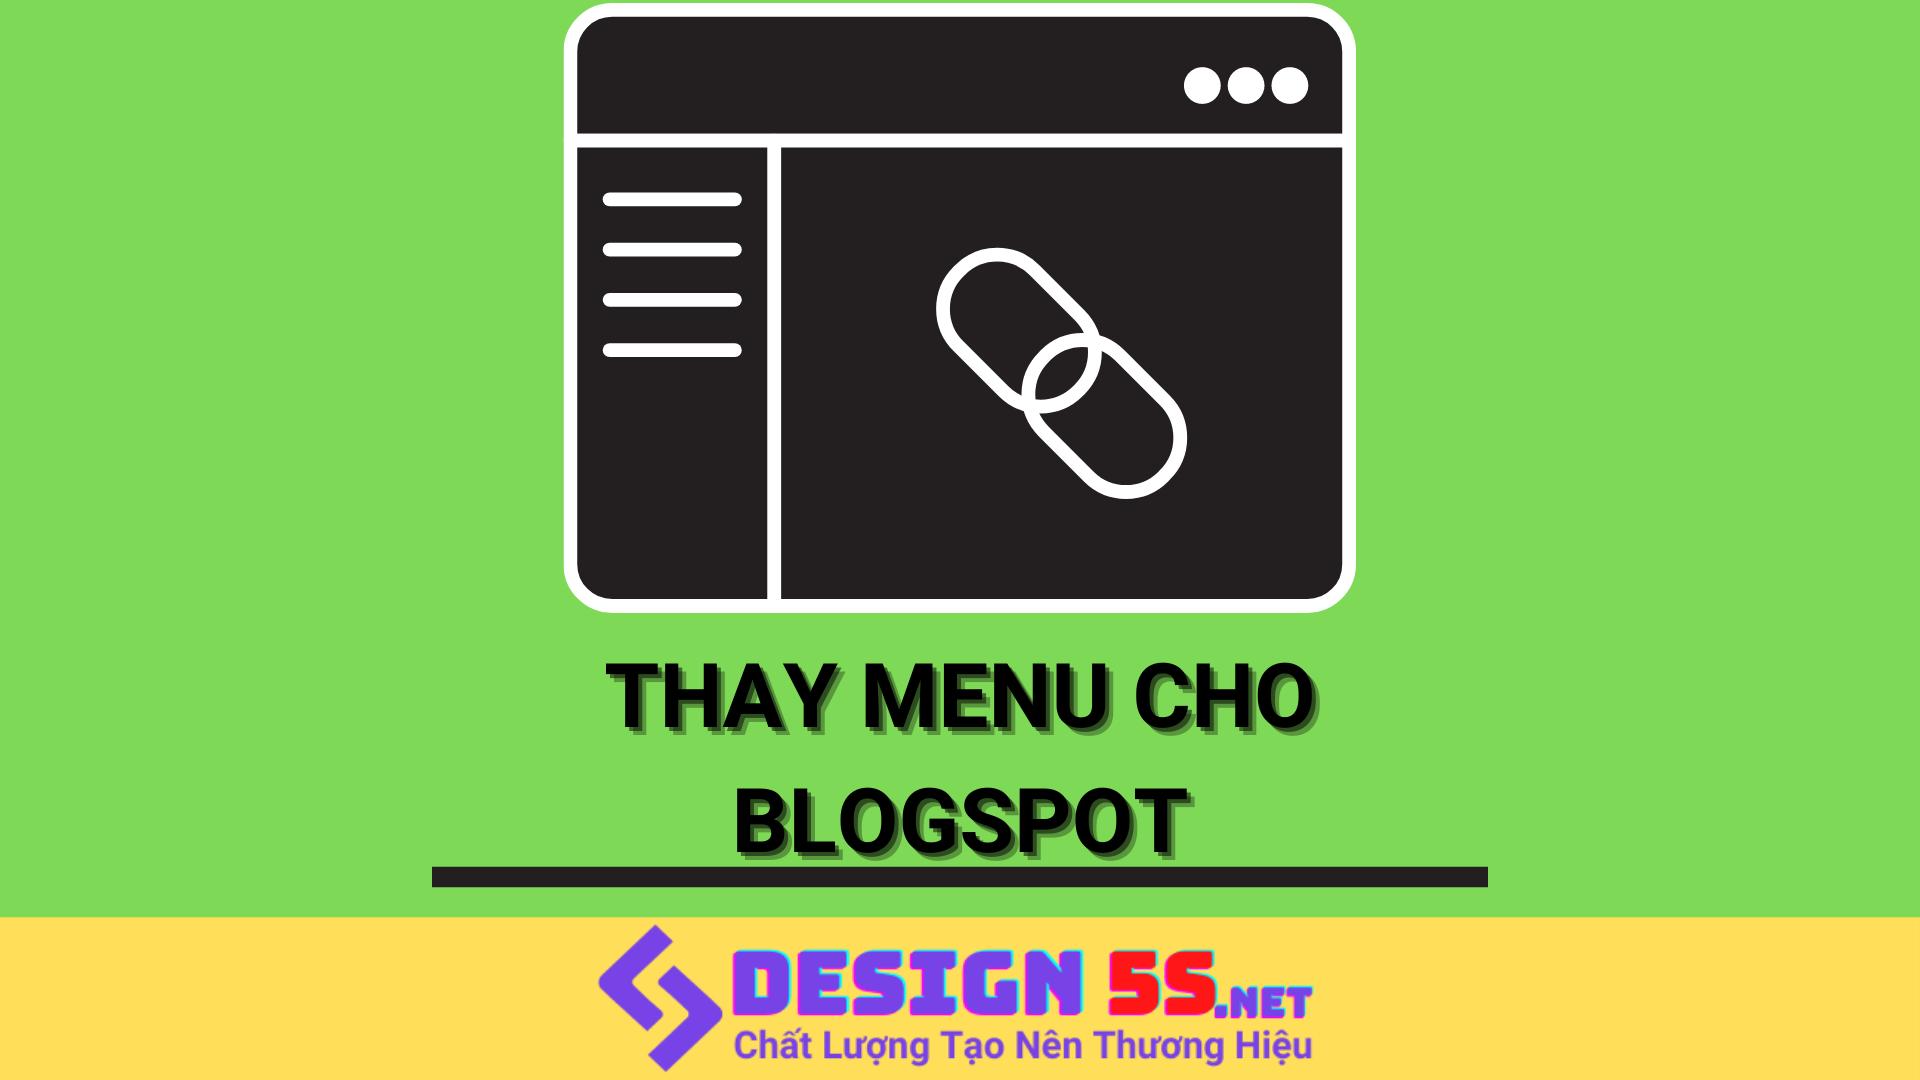 Hướng dẫn chỉnh sửa menu, link đến cho blogspot cơ bản - Ảnh 2